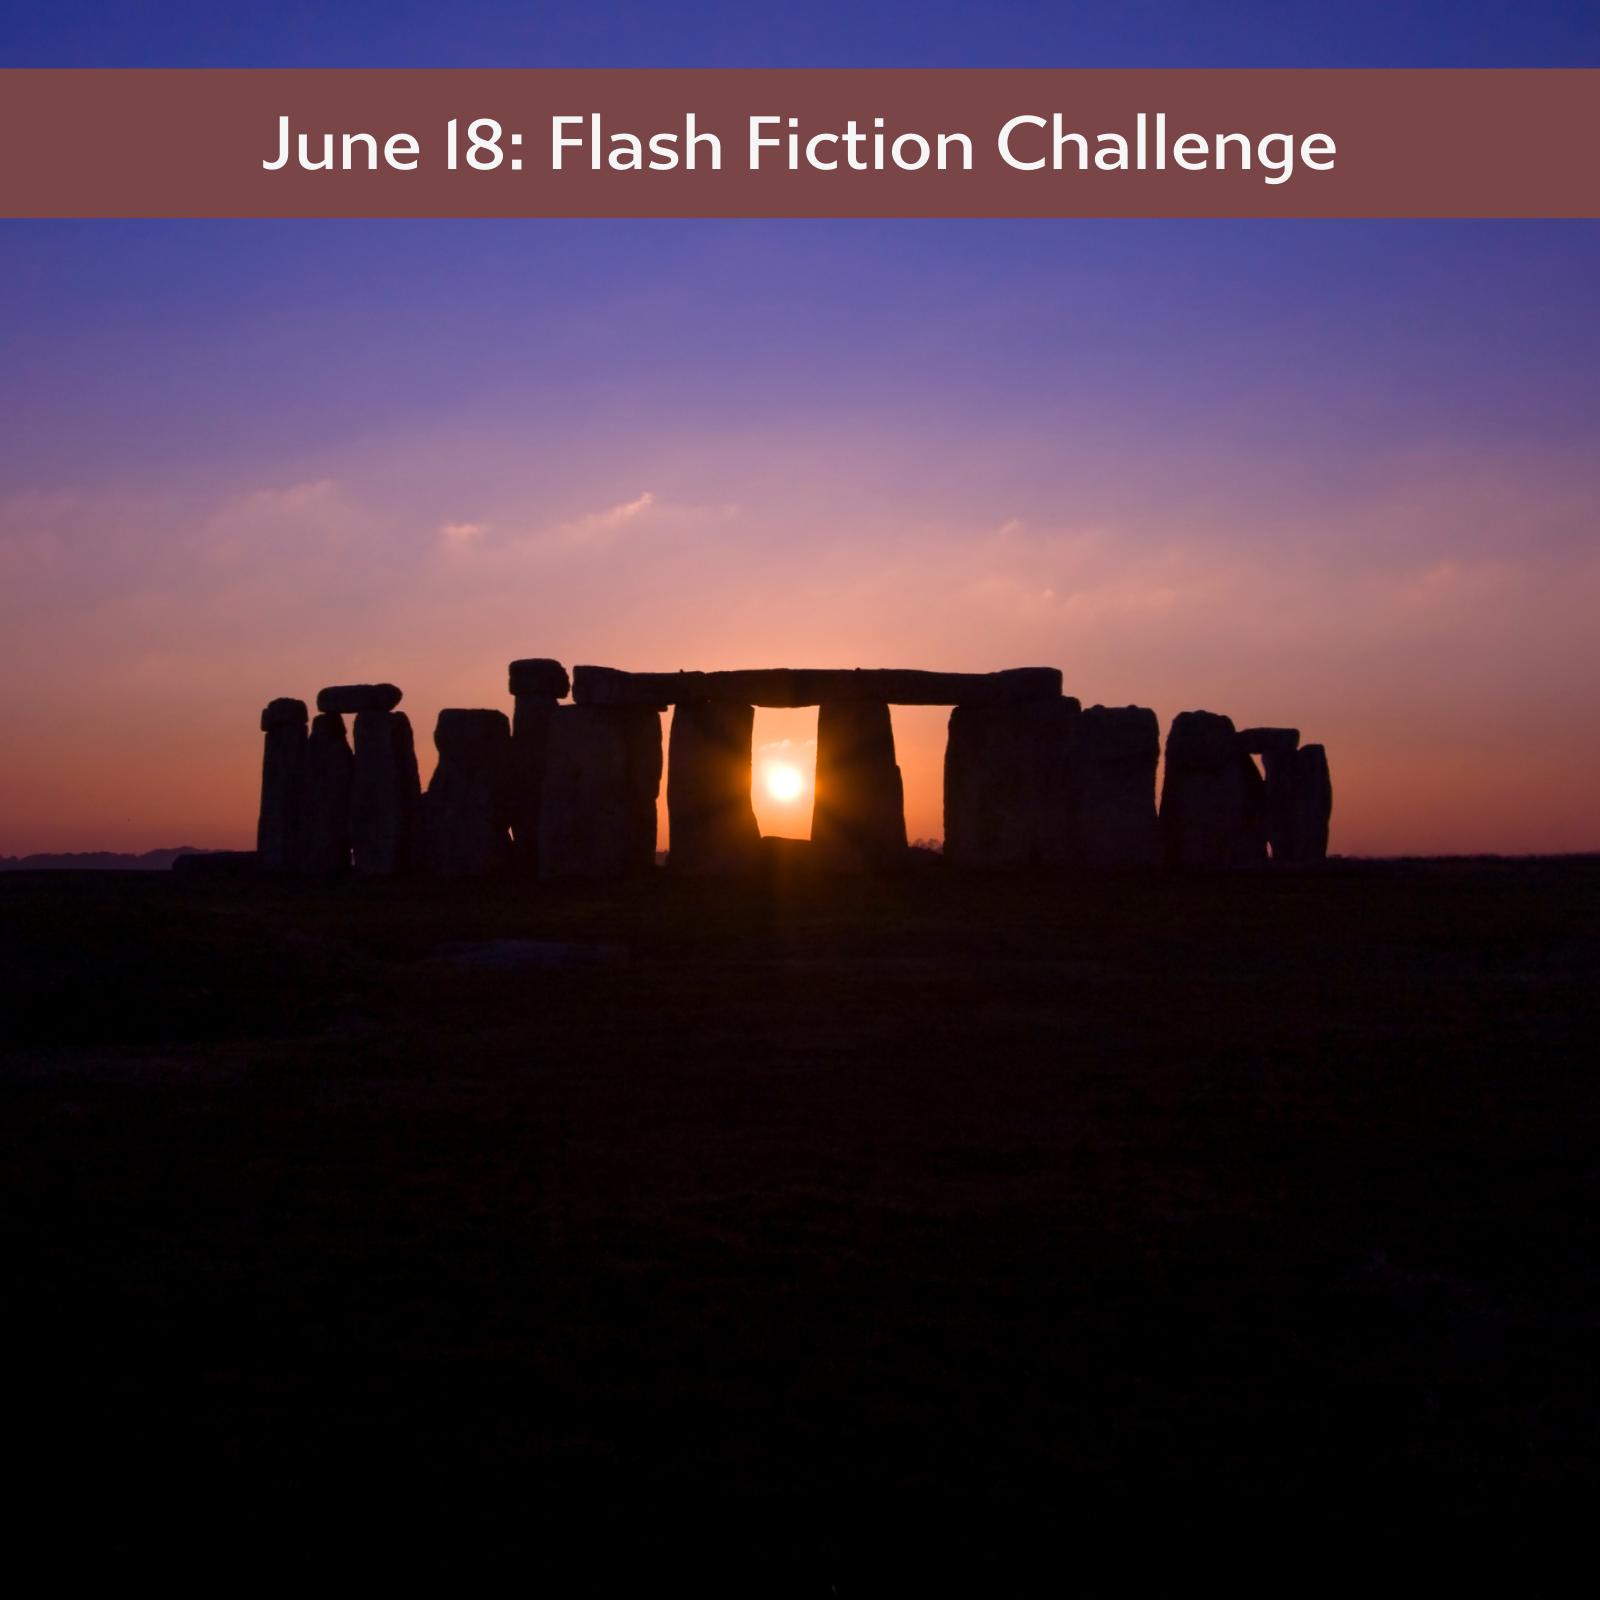 June 18: Flash Fiction Challenge